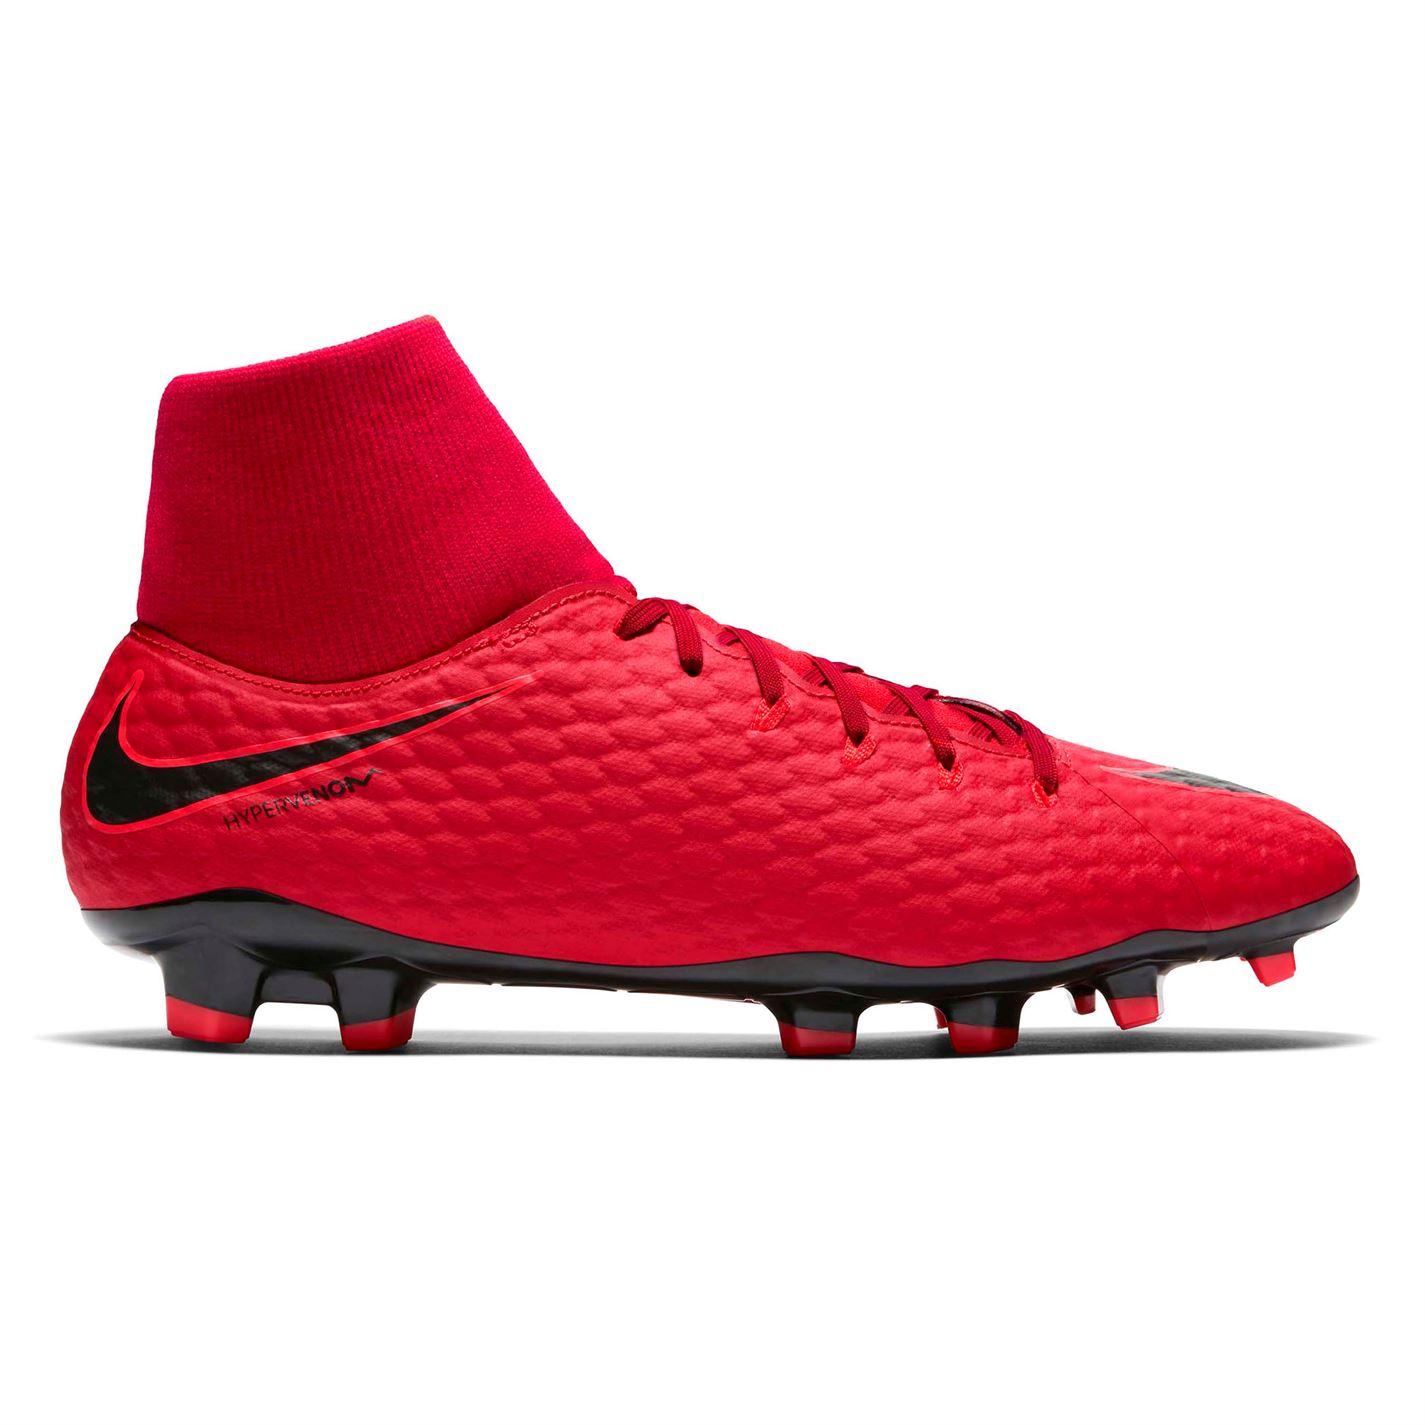 Nike Hypervenom Phelon DF Mens FG Football Boots